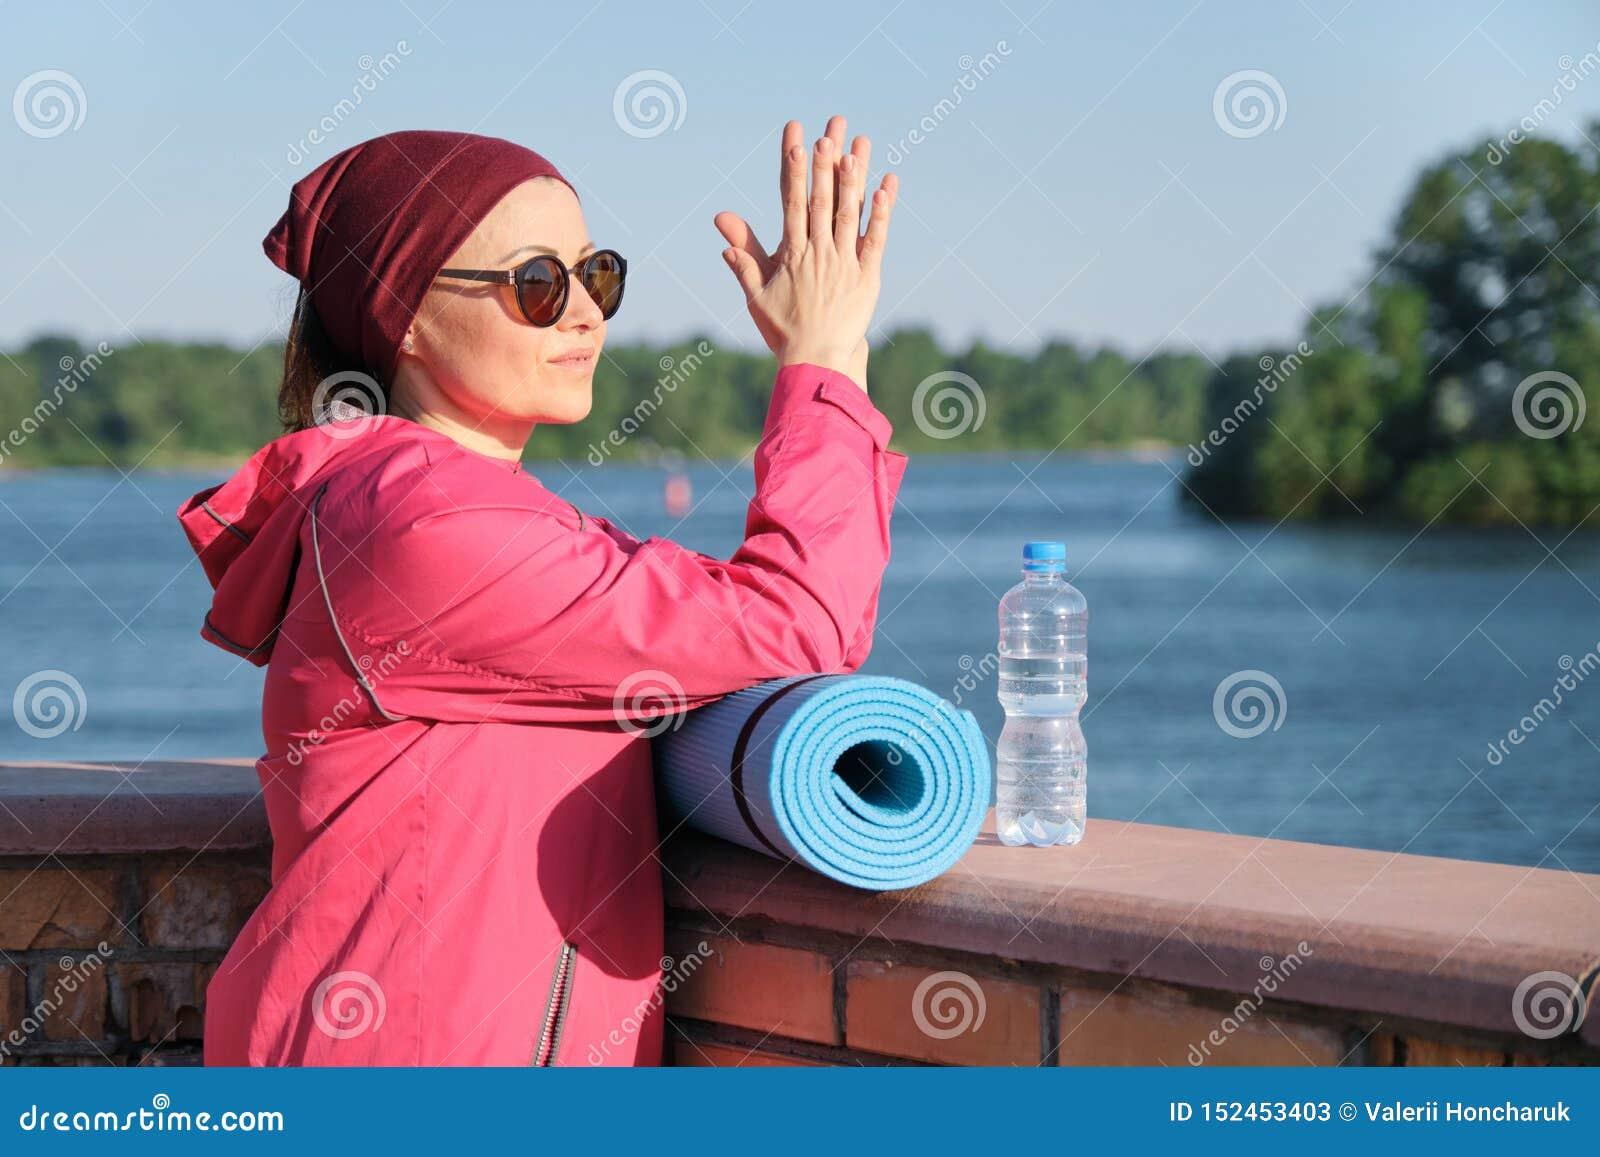 Forma de vida sana de la mujer madura, del retrato al aire libre de una hembra de la edad en ropa de deportes con la estera de la